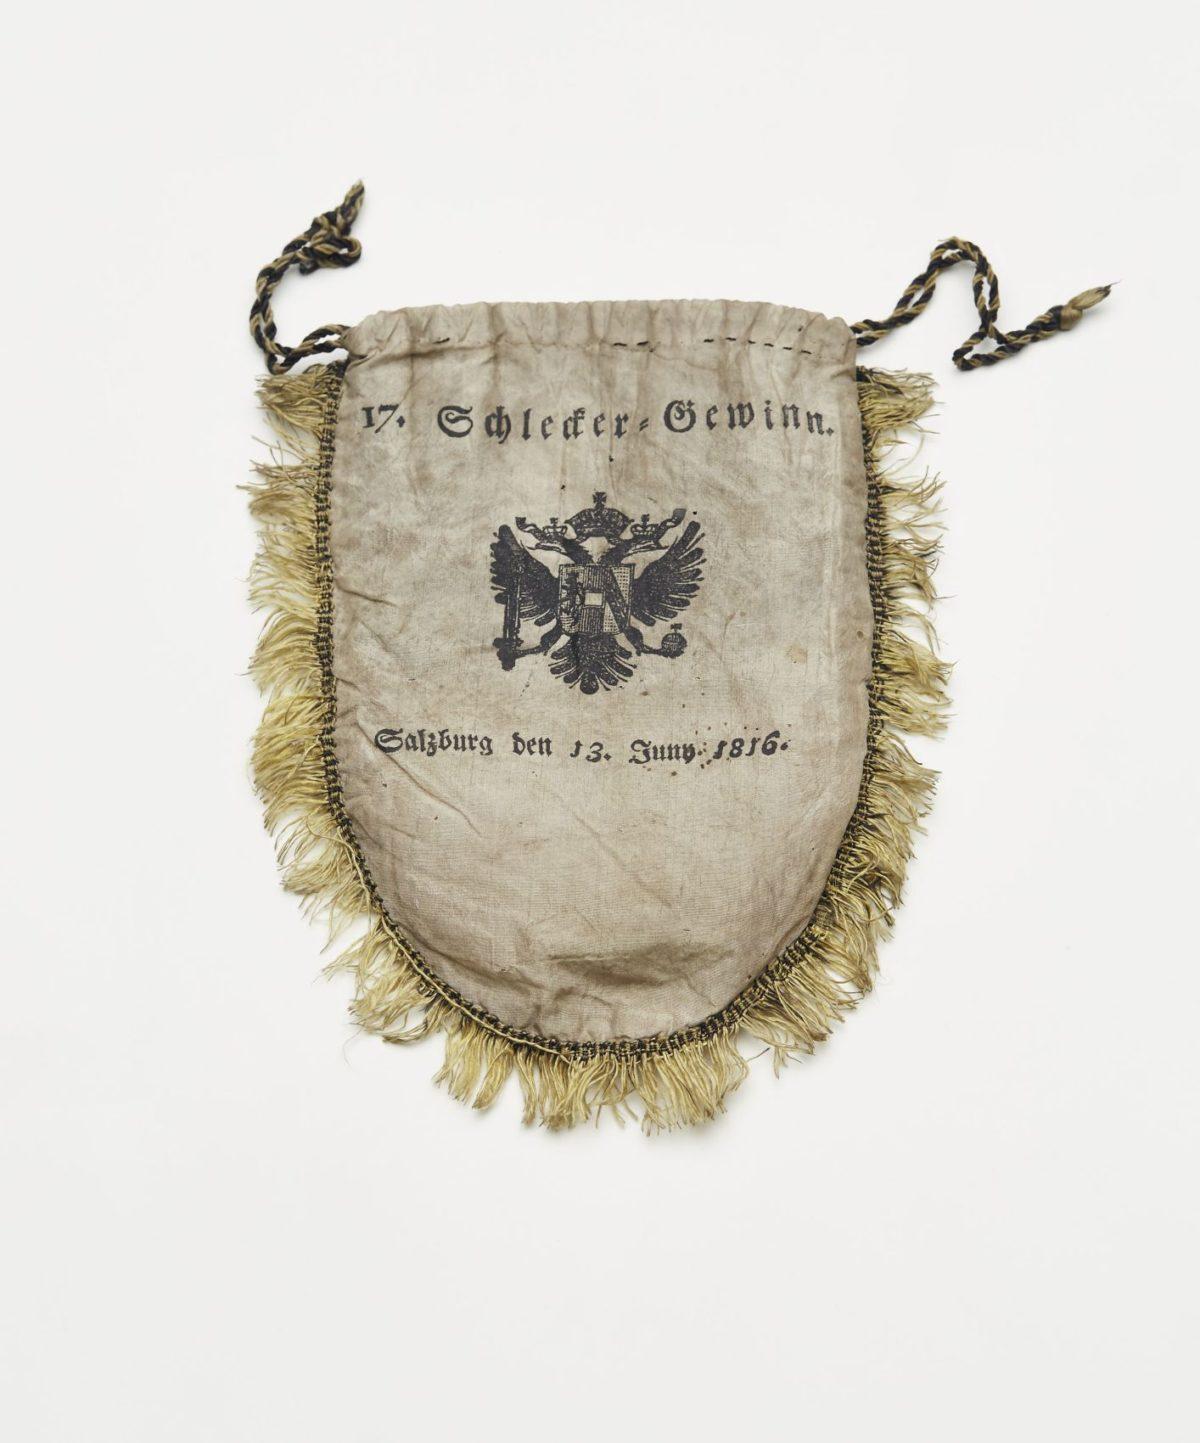 Huldigungs-Schießen 1816: Ein Schlecker-Gewinn